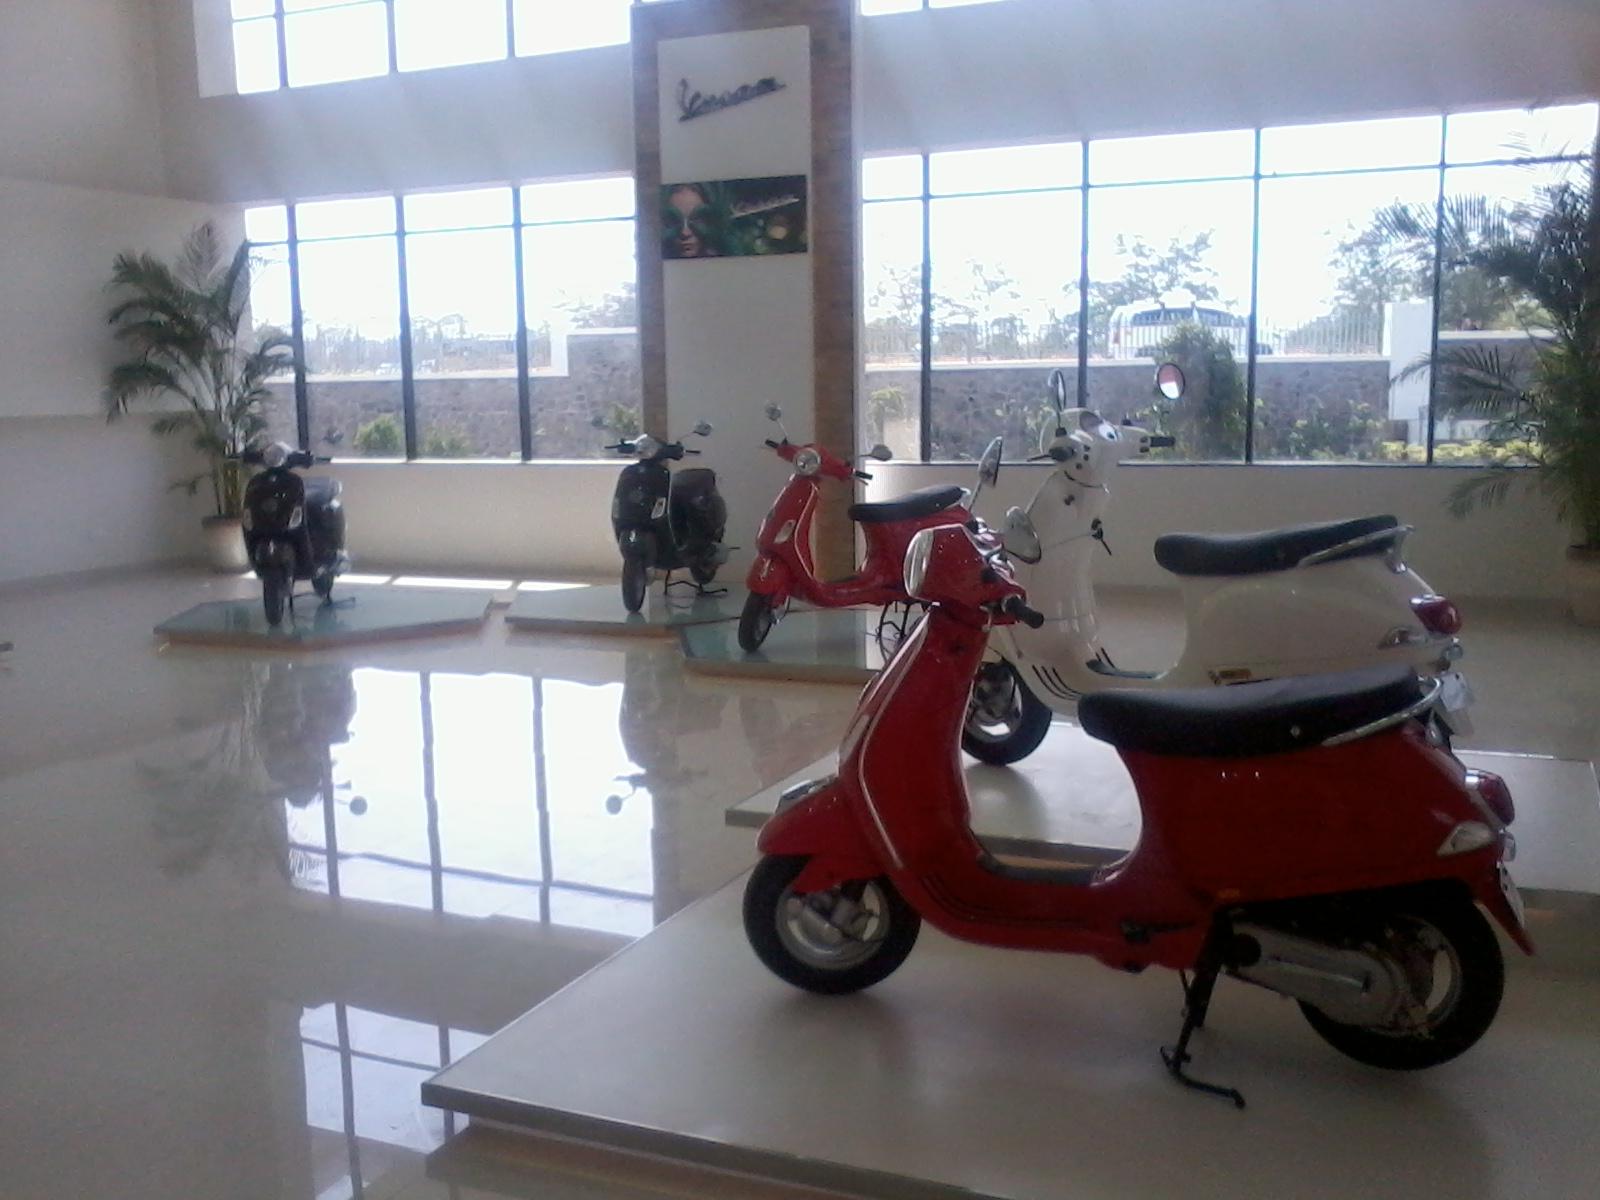 Piaggio Inaugurates two new Vespa showrooms in Delhi